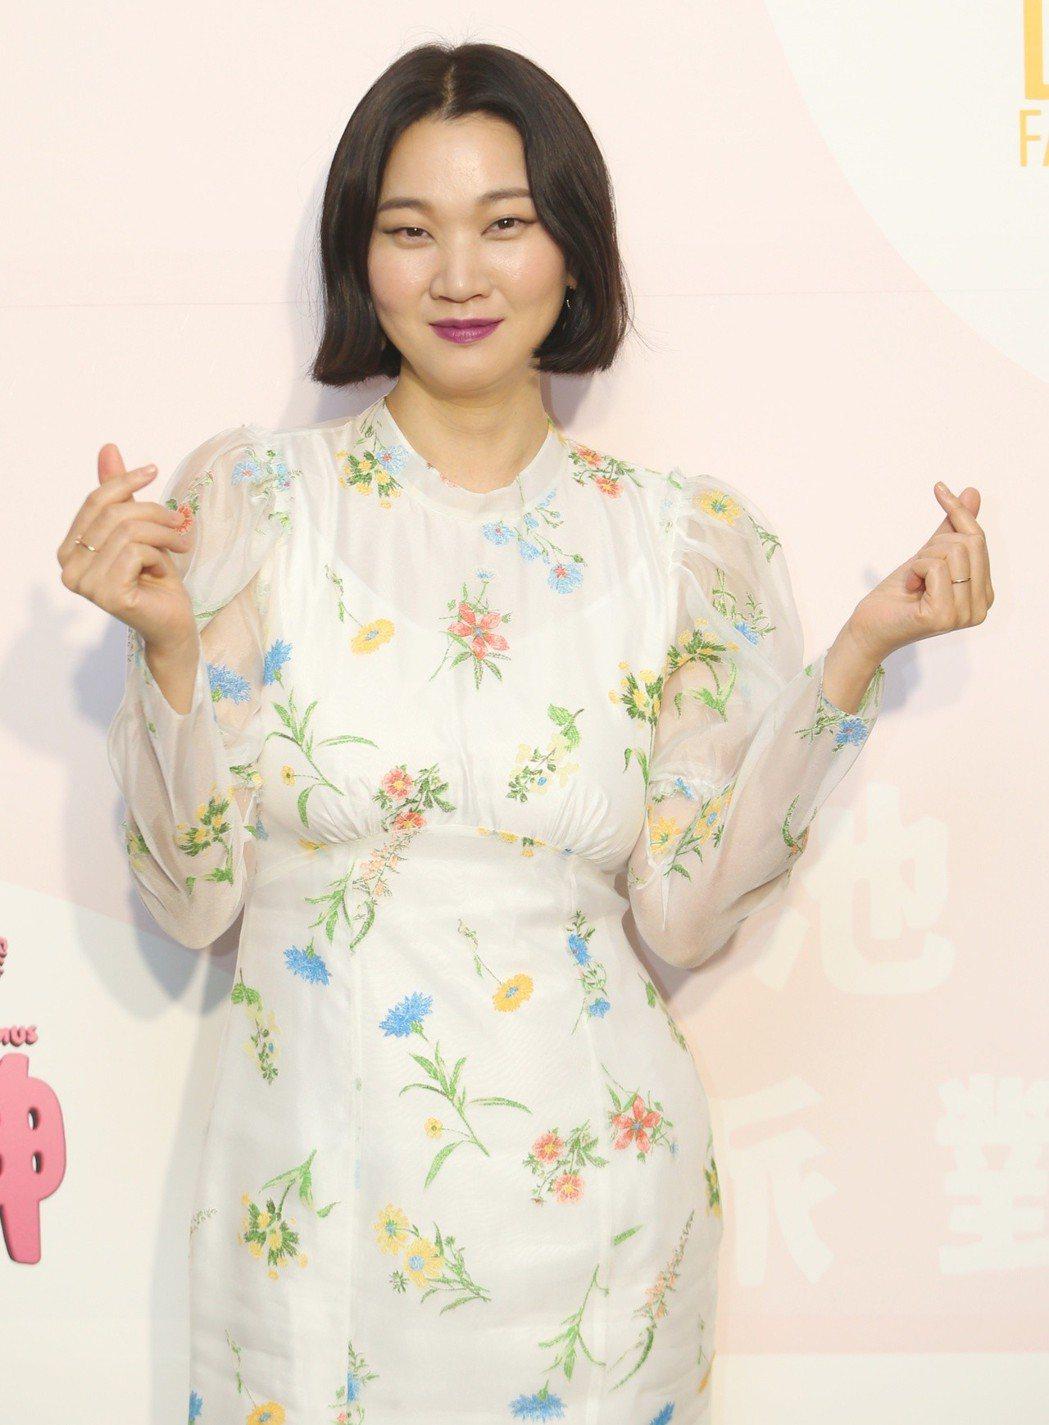 韓國超模張允珠來台錄製三立美妝節目。記者侯永全/攝影